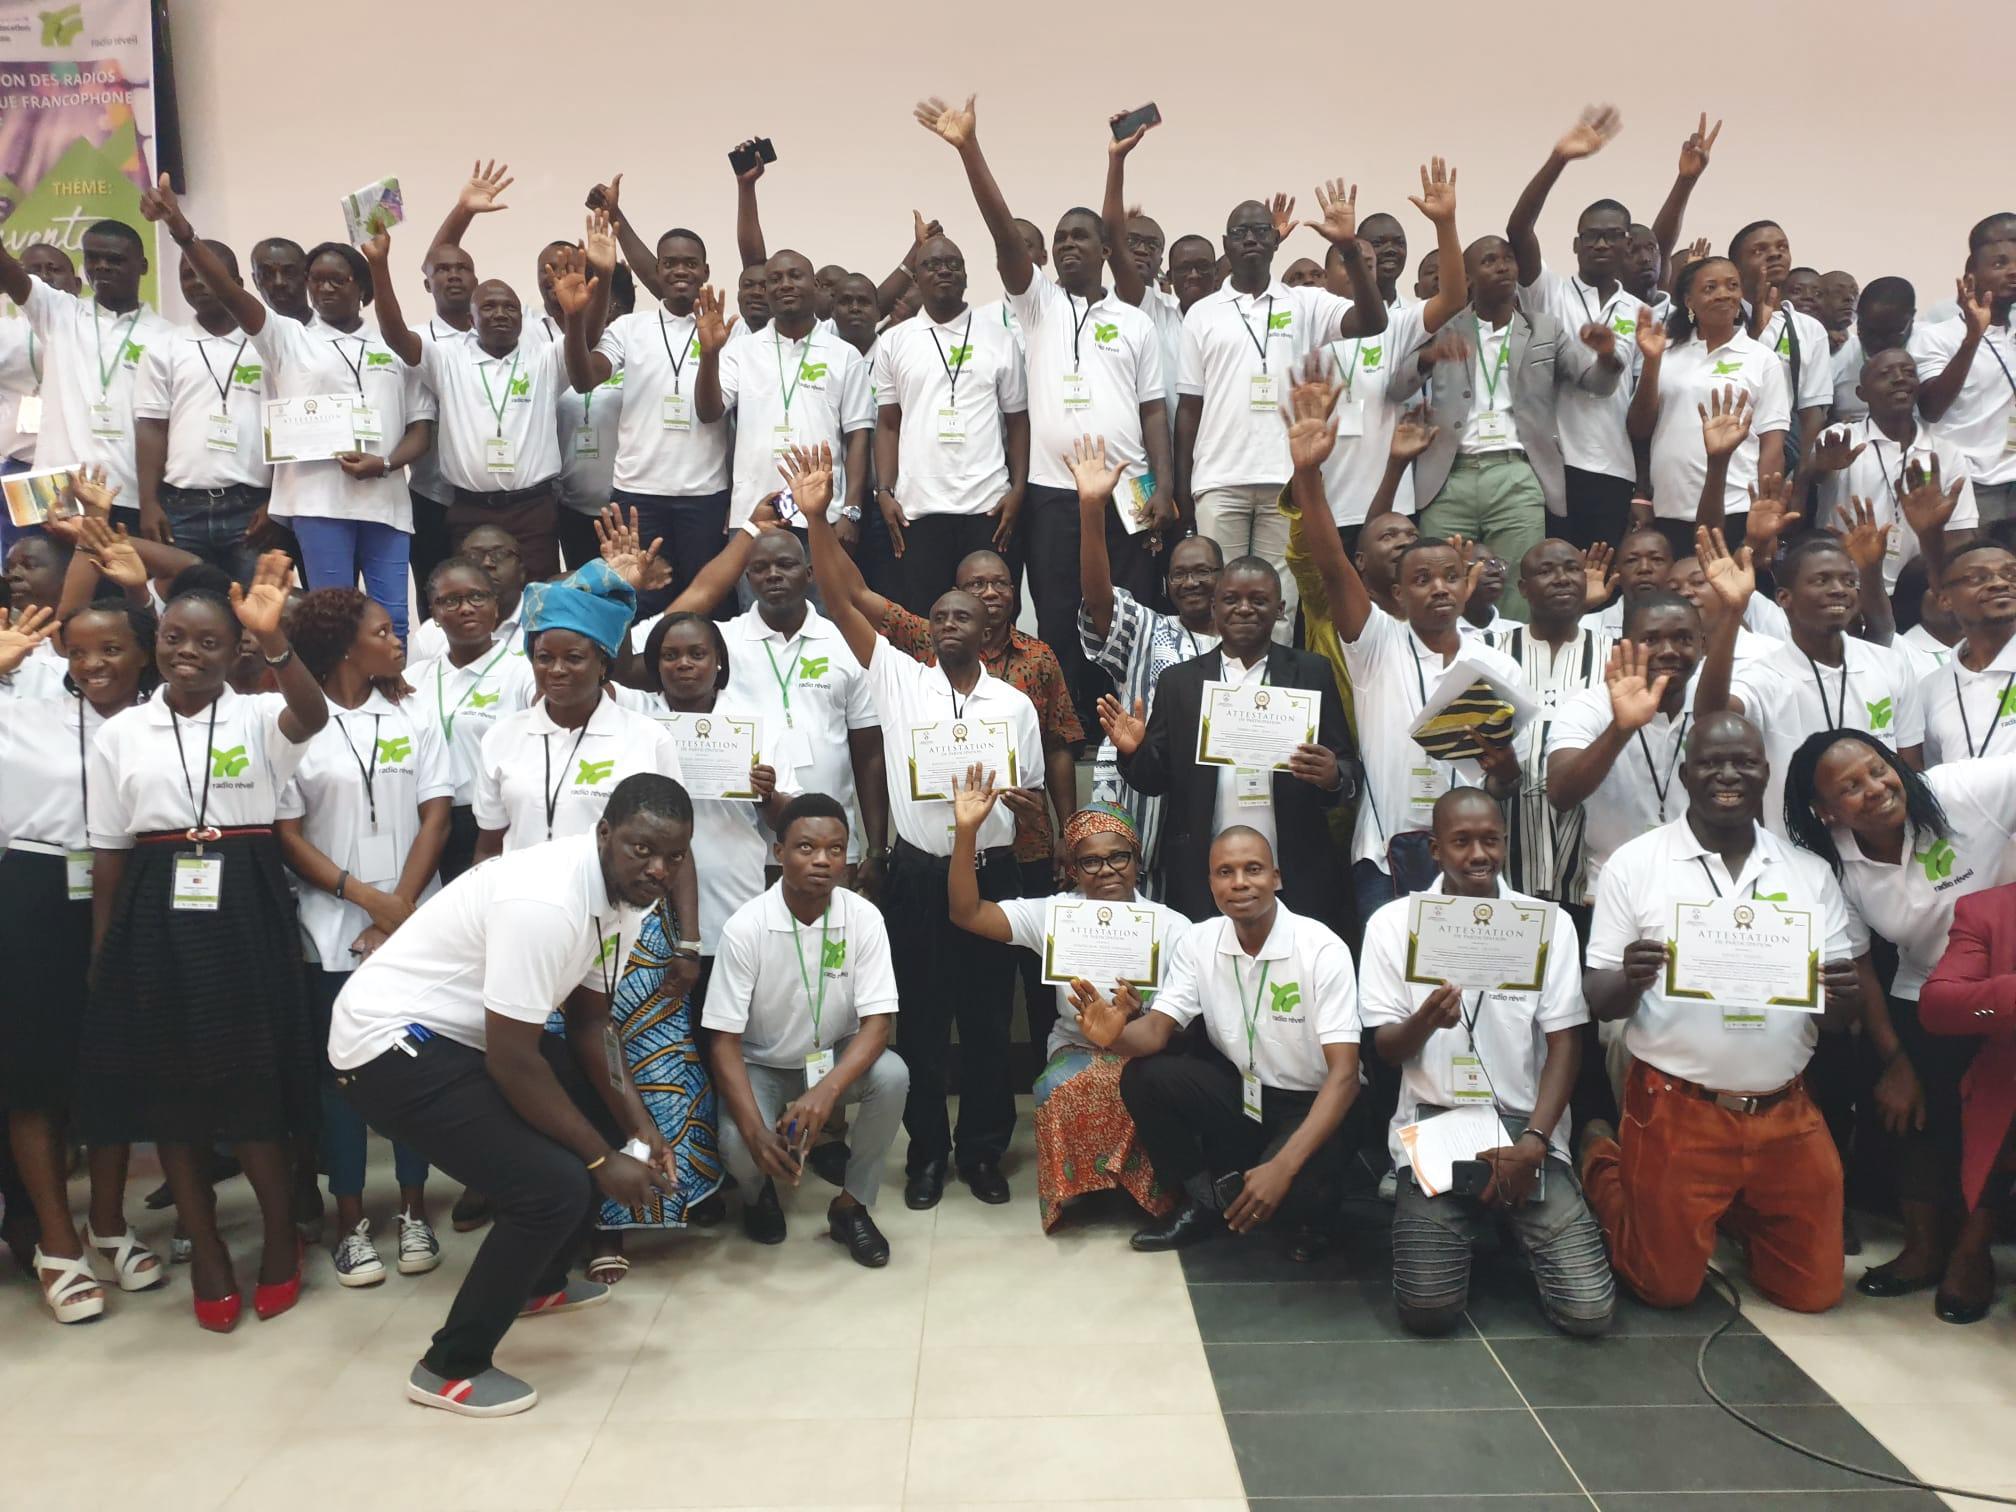 Afrique francophone: Lomé 3, le rassemblement des acteurs de médias chrétiens, aura lieu du 23 au 27 novembre